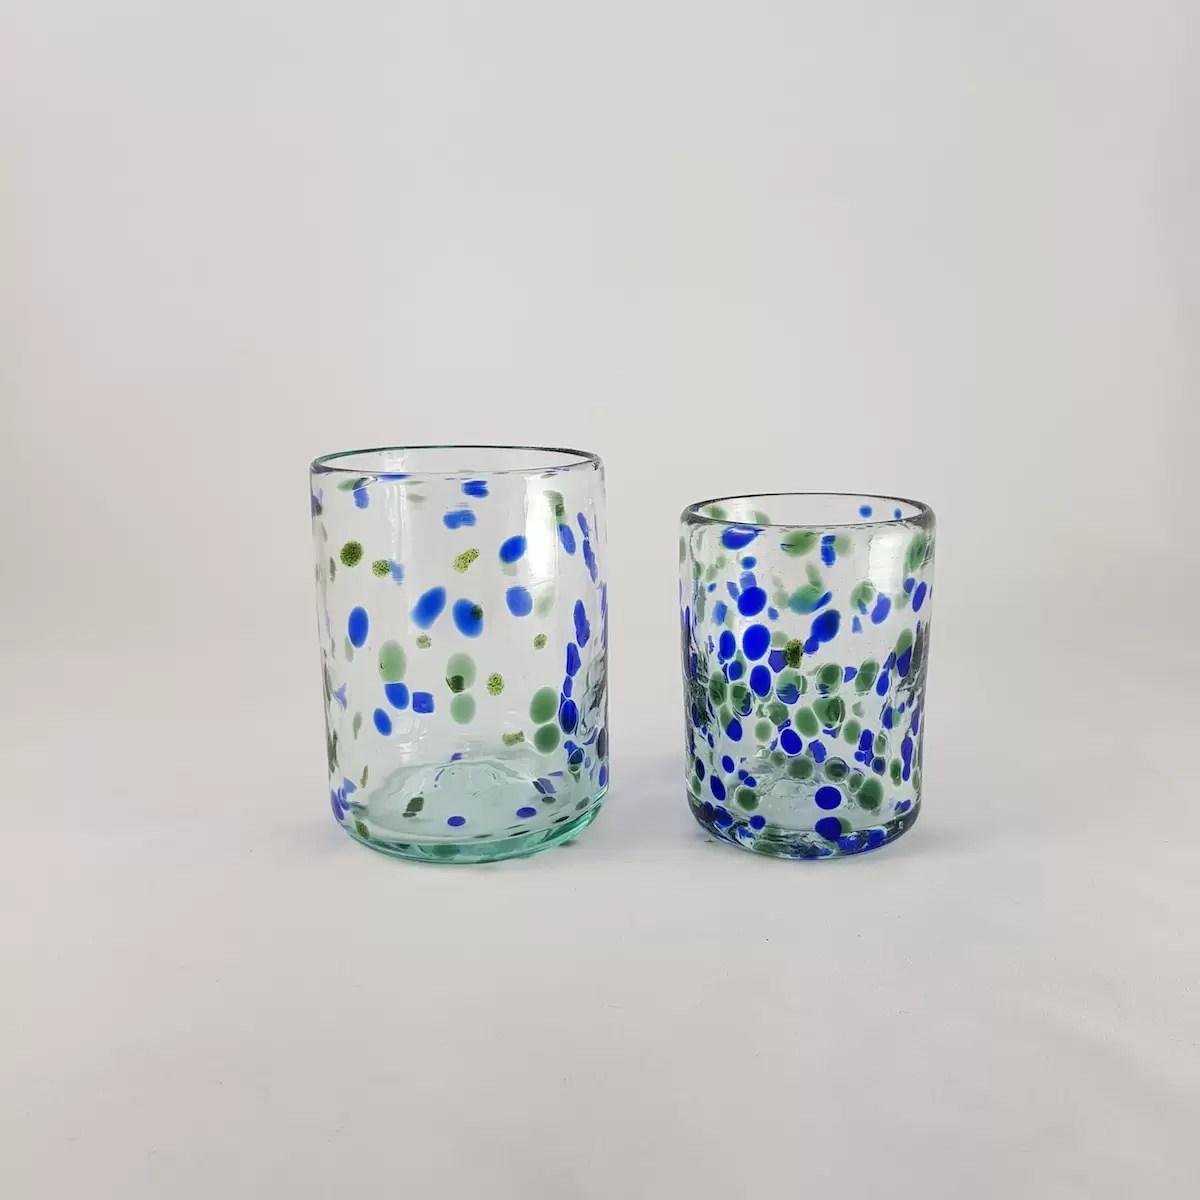 Vasos Vidrio Mallorca Lafiore.com  - Glasses with Colour and Style